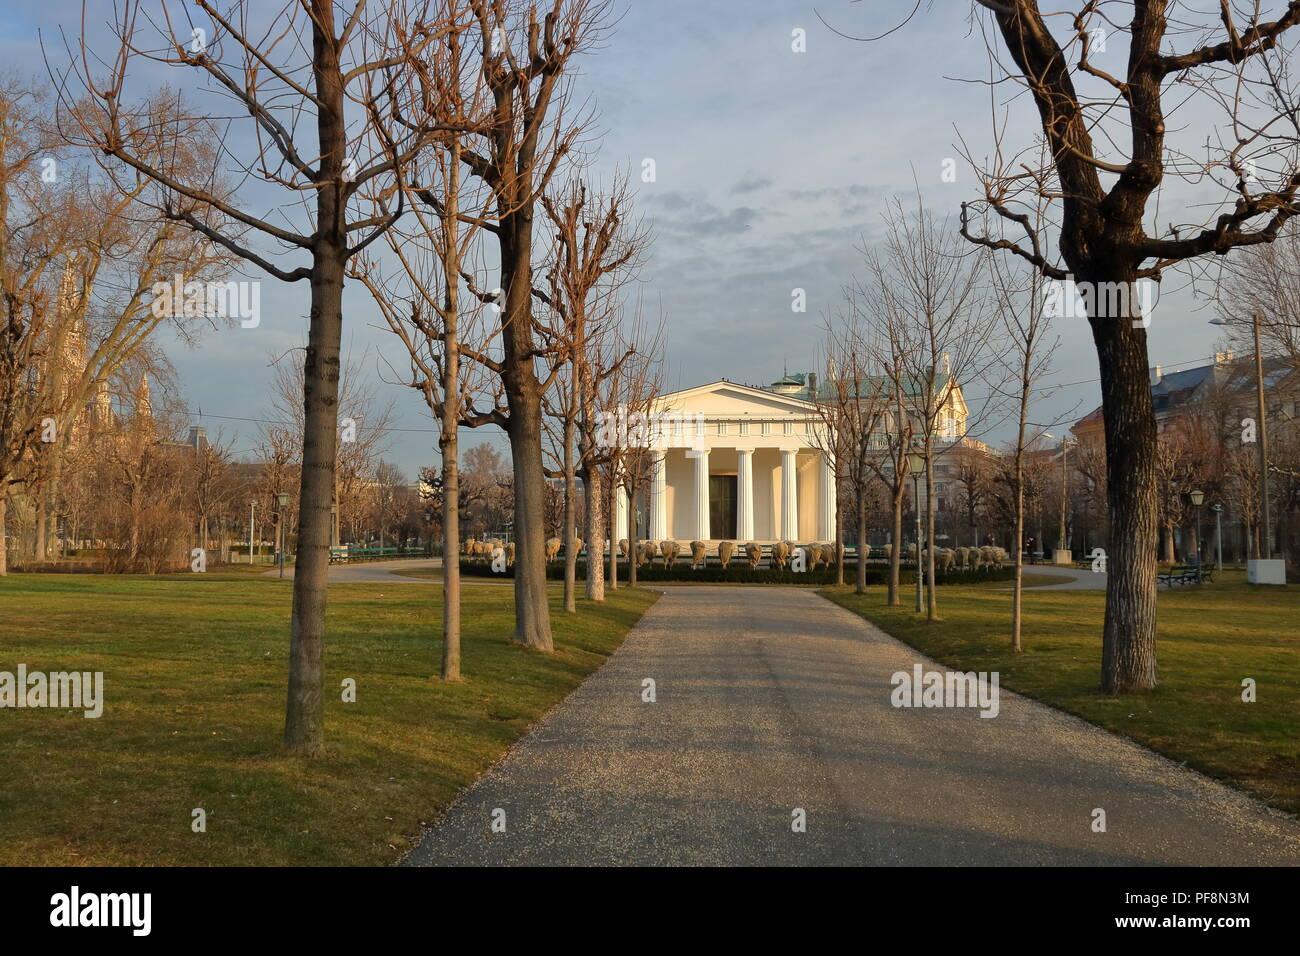 La ville de Vienne, Autriche, parc public, d'un beau bâtiment historique, automne, alley, sans personnes. Photo Stock